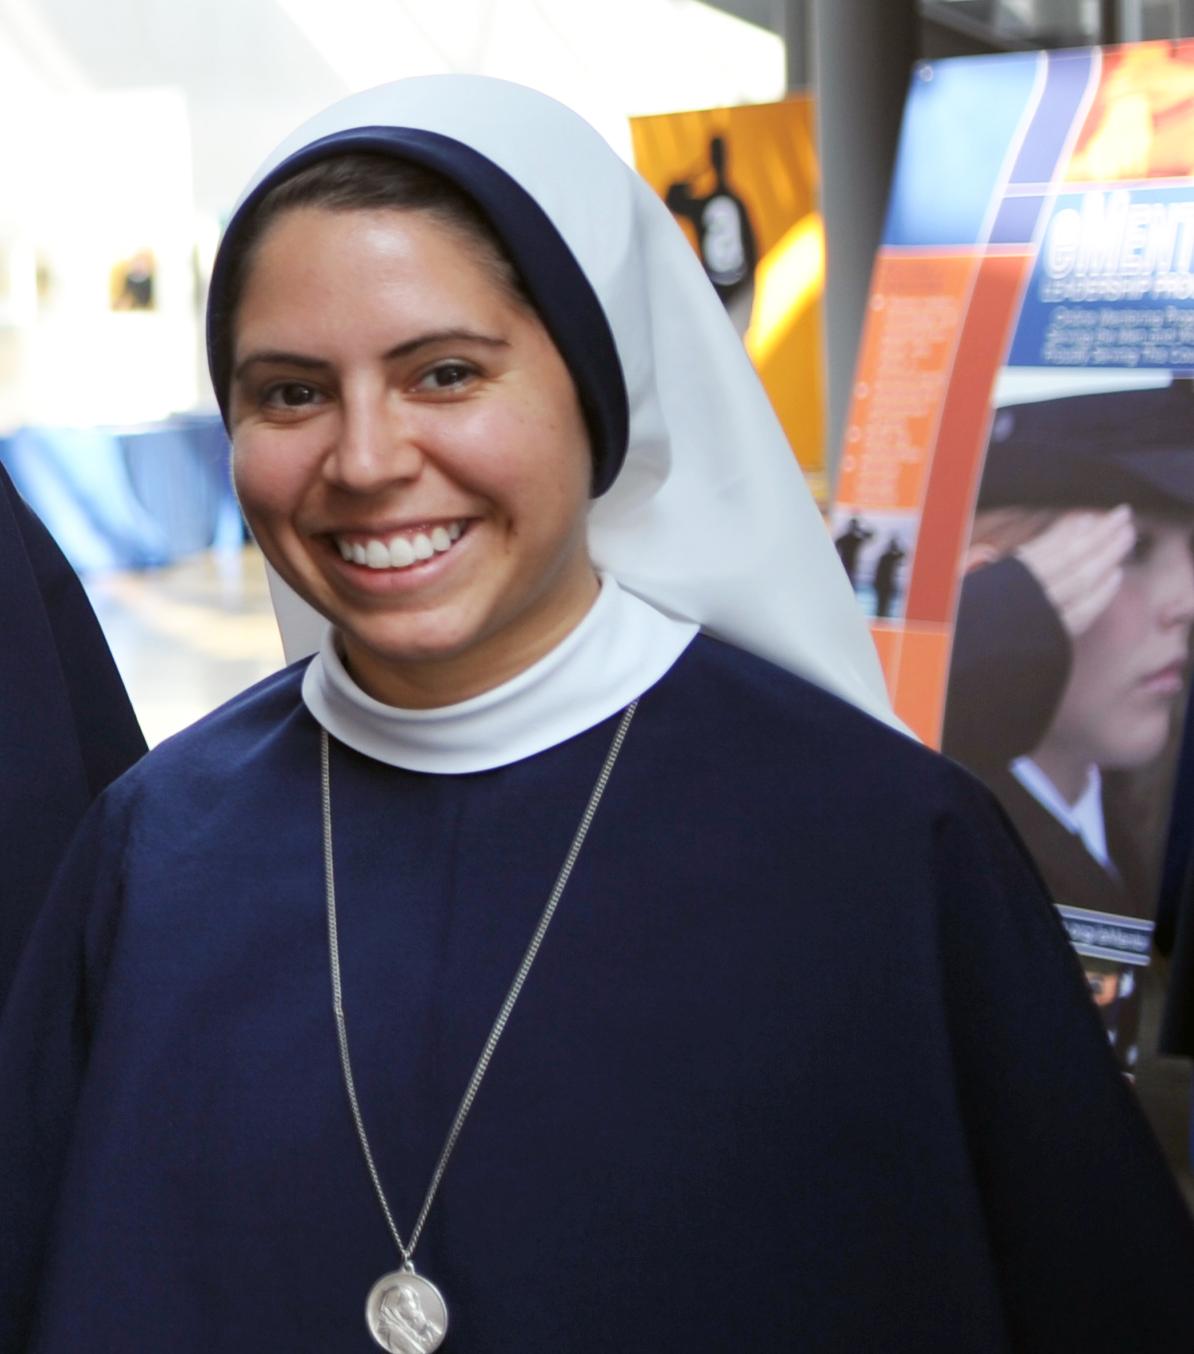 http://holyangelsisc.com//images